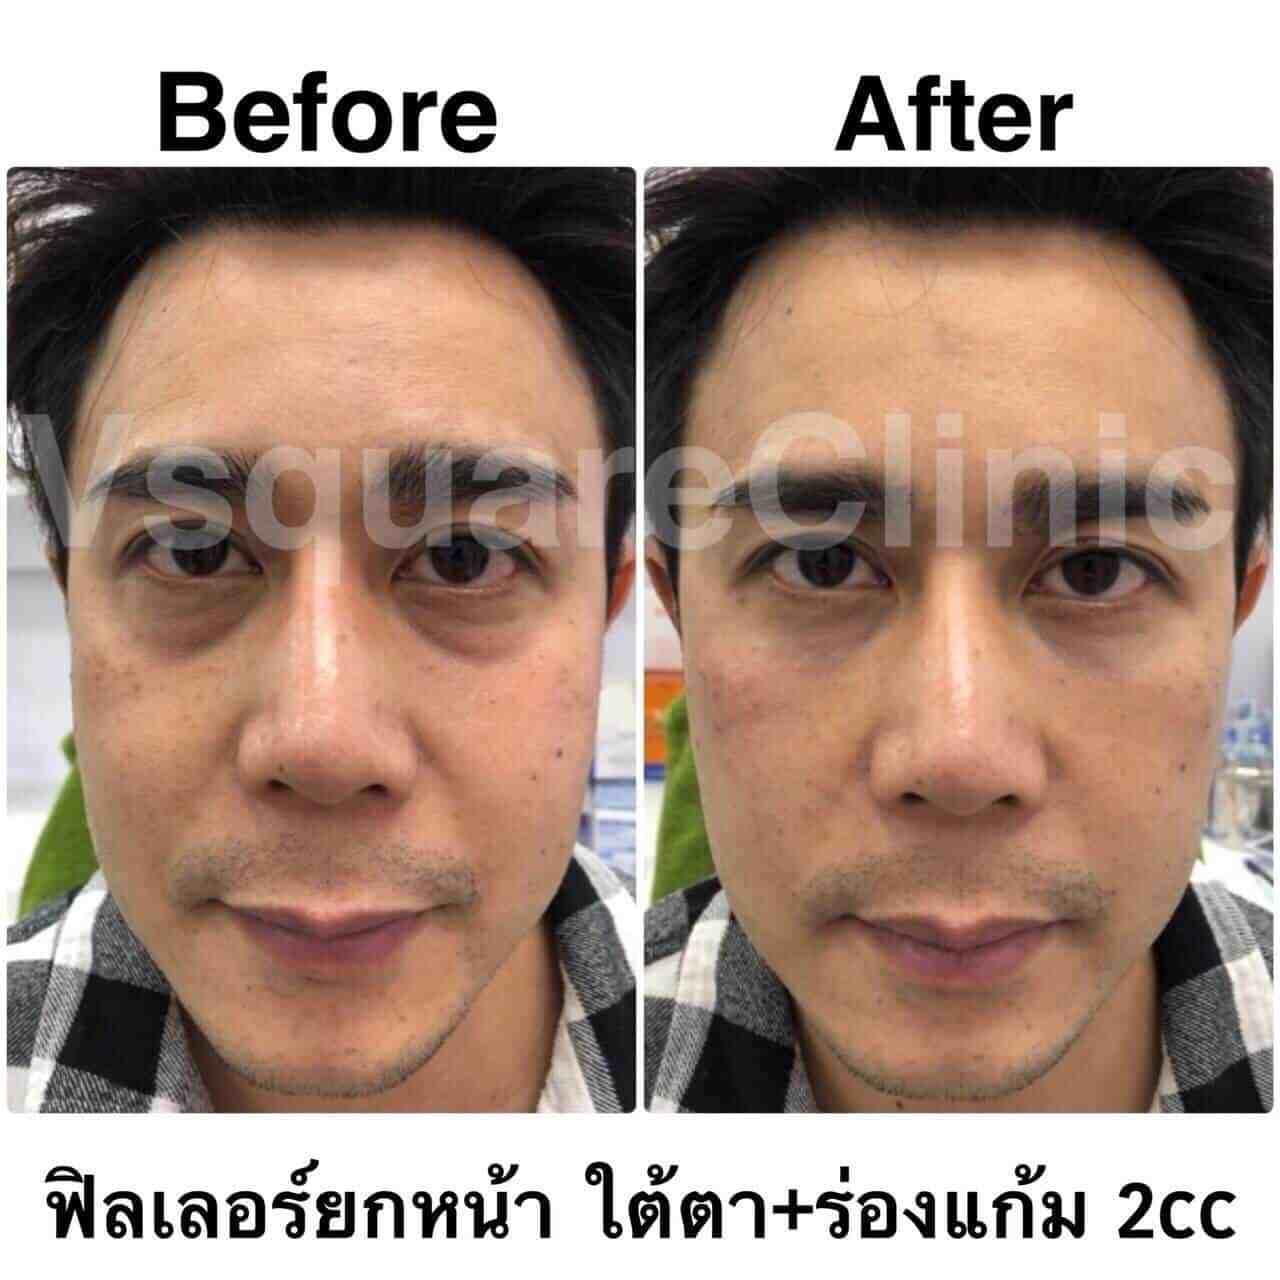 รูป ตัวอย่างรีวิว ผลการรักษาด้วยฟิลเลอร์ยกหน้า ใต้ตา+ร่องแก้ม 2 cc